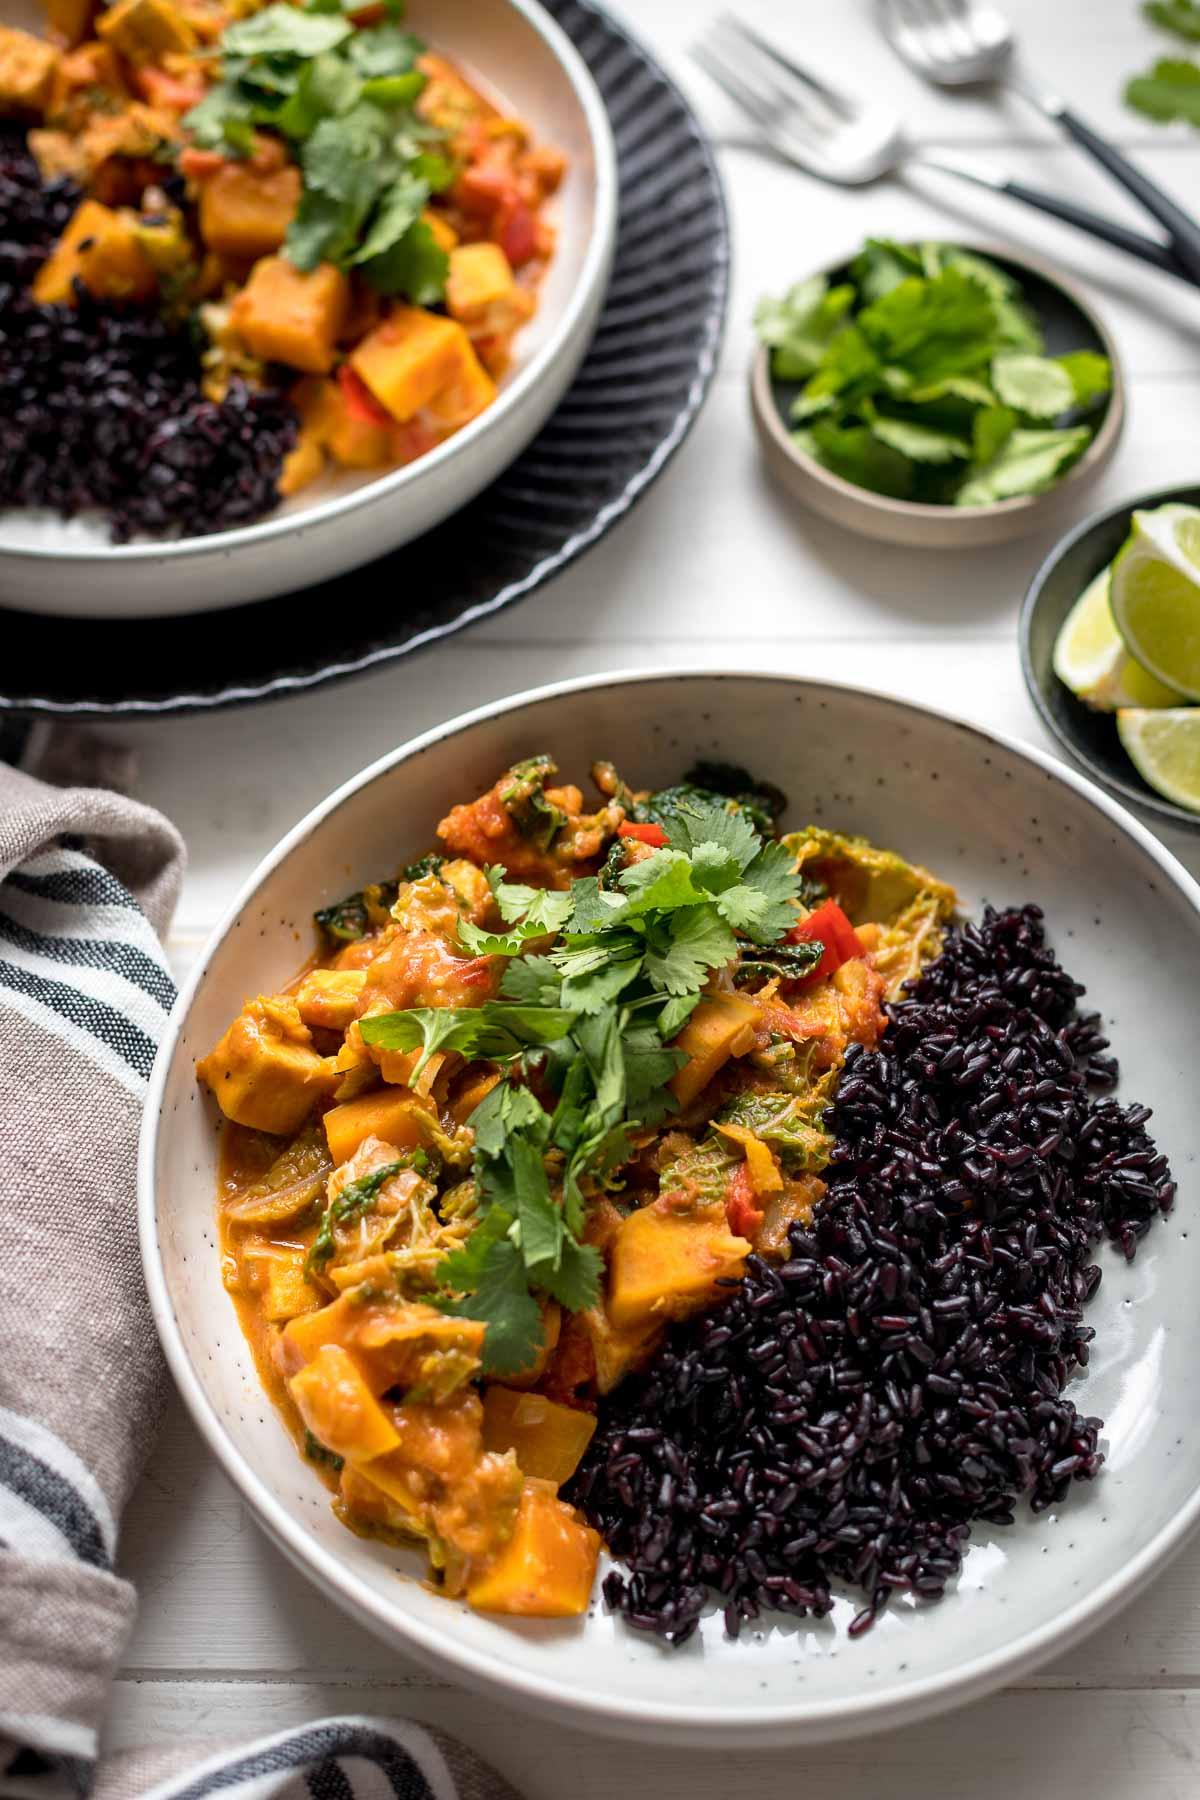 Veganer Süßkartoffel-Eintopf mit Erdnuss, Kokos, Tofu, Wirsing & schwarzer Vollkornreis